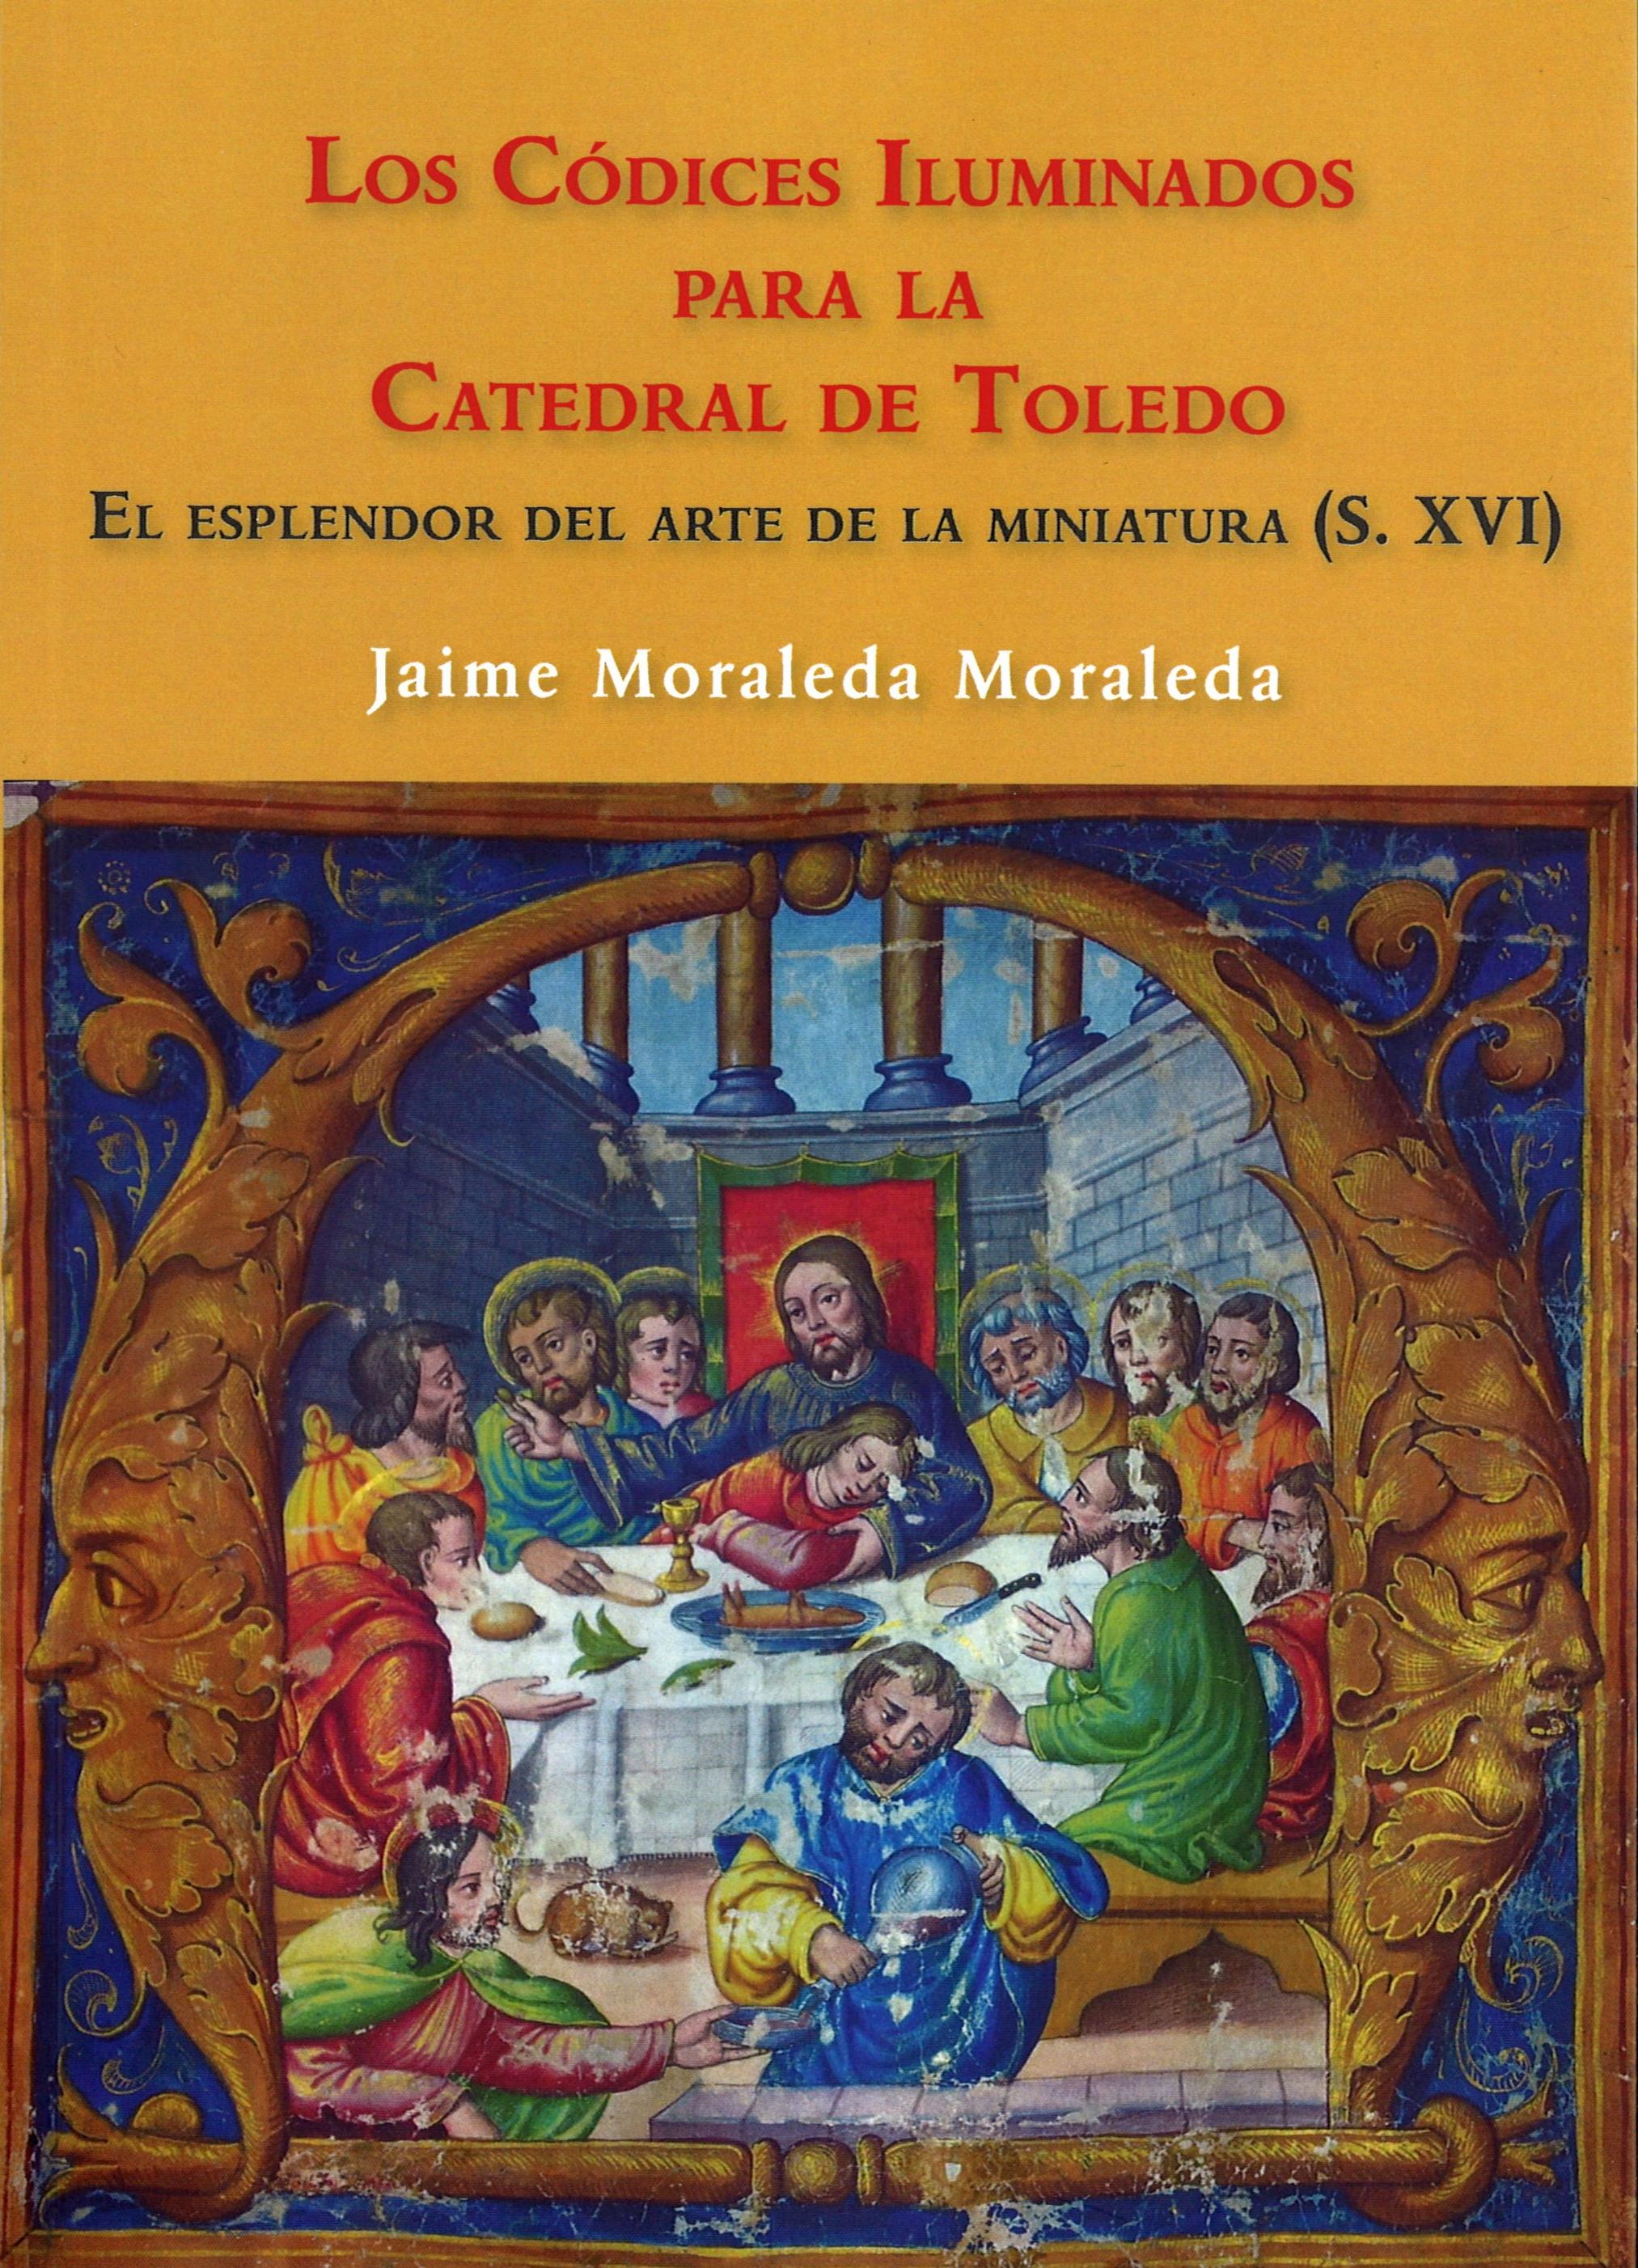 Los códices iluminados para la Catedral de Toledo : El esplendor de la miniatura (s. XVI)